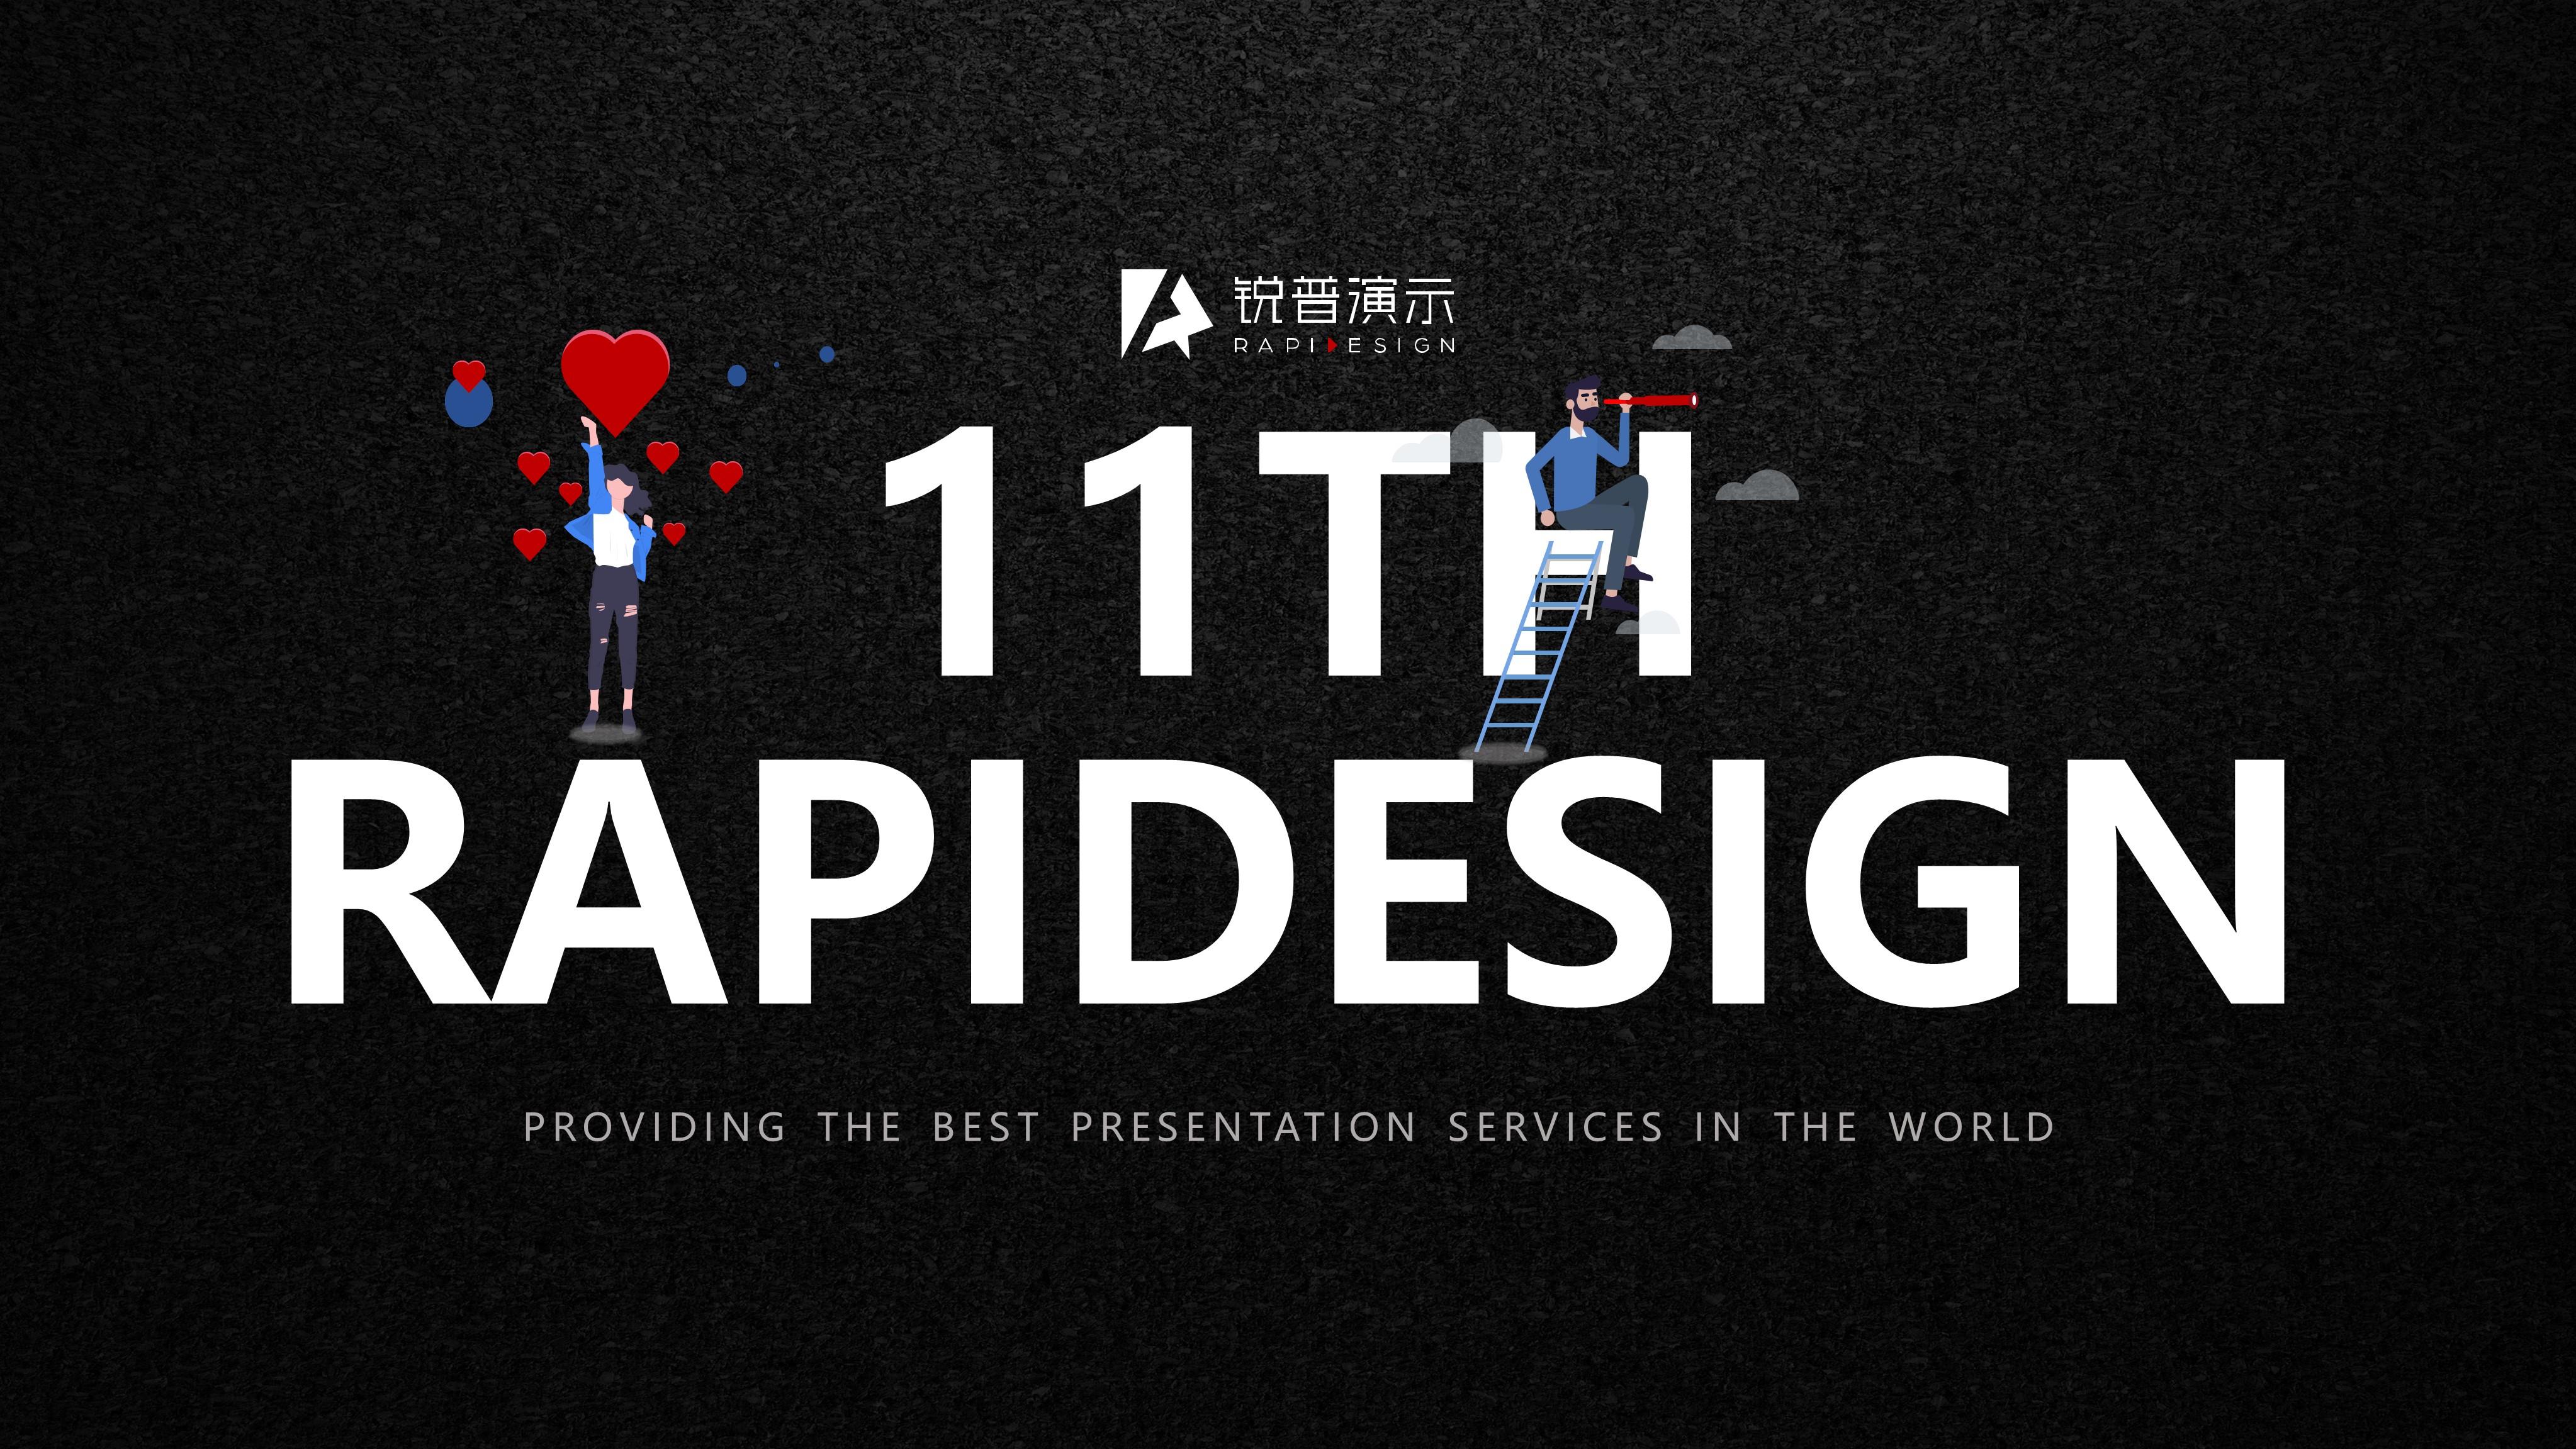 锐普用11年创造了中国PPT行业!